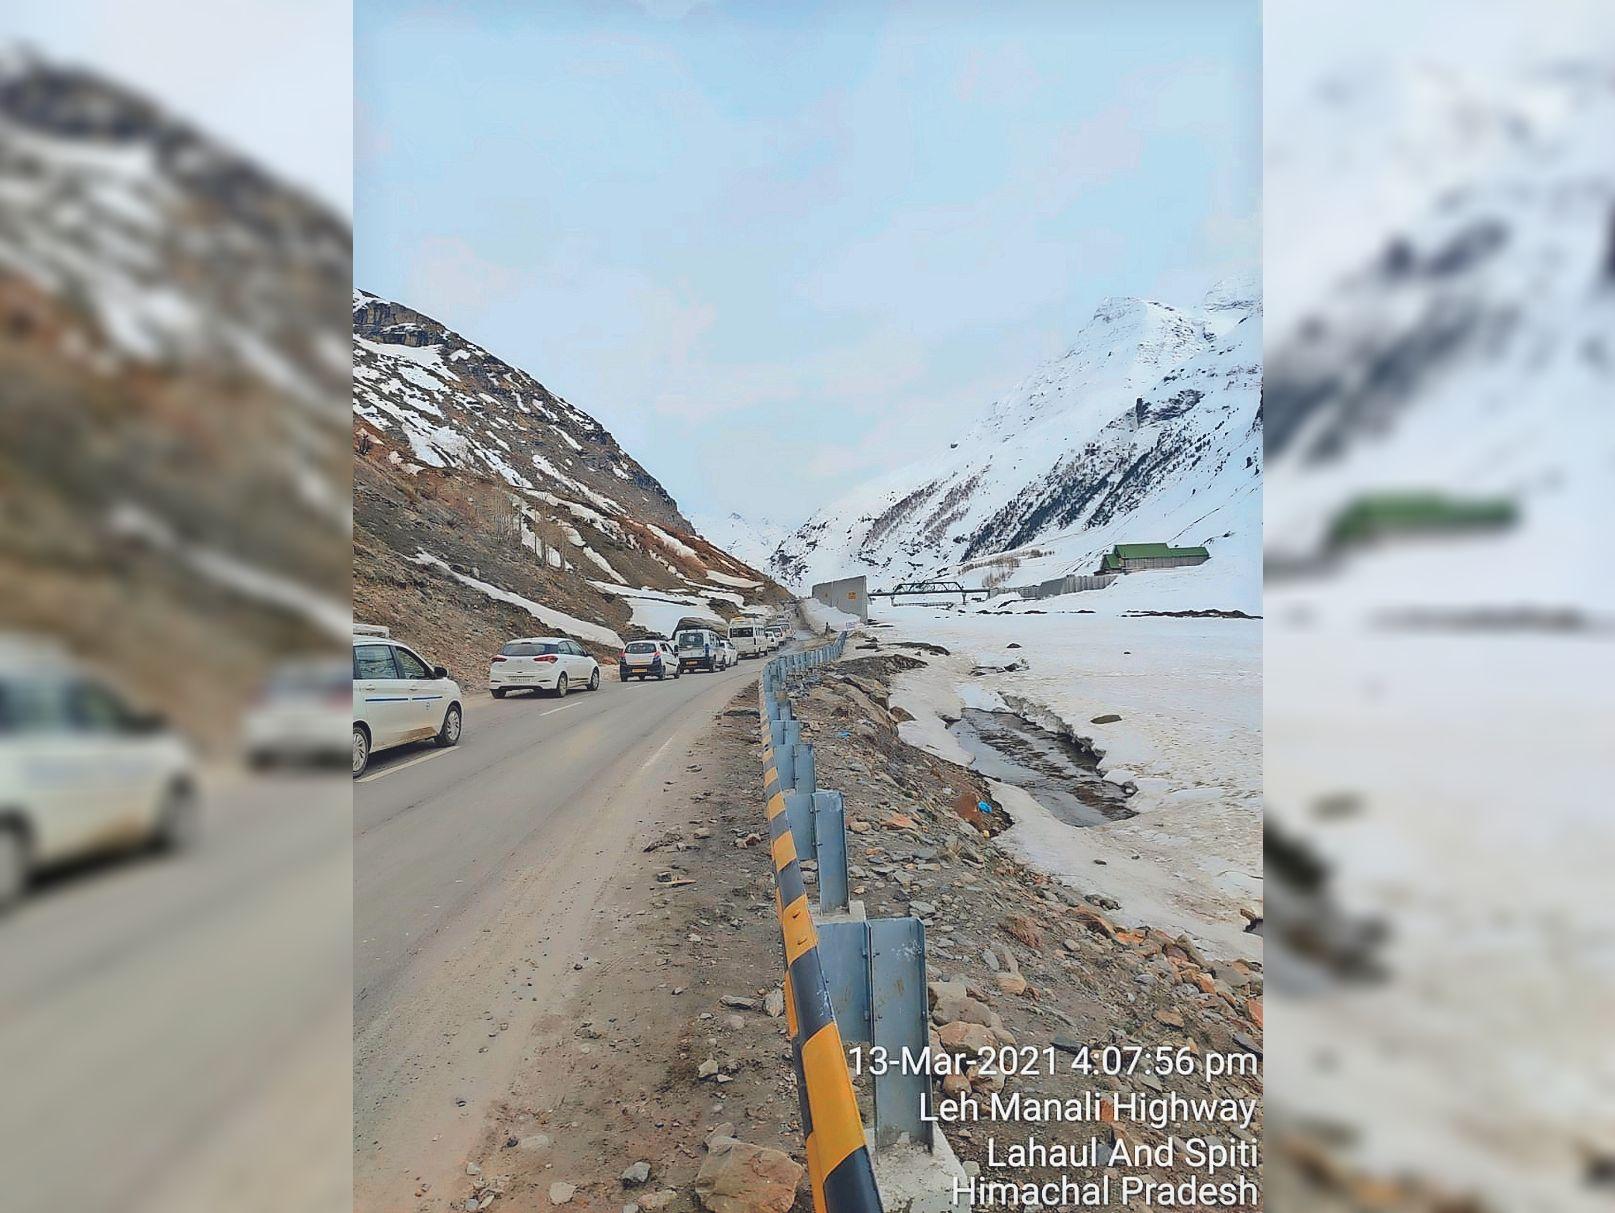 रोहतांग टनल देखने के बाद मढ़ी में रोक ली जाएगी पर्यटकों की गाड़ी, लोकल युवा अपनी इलेक्ट्रिक कार में करवाएंगे घाटी की सैर|शिमला,Shimla - Dainik Bhaskar